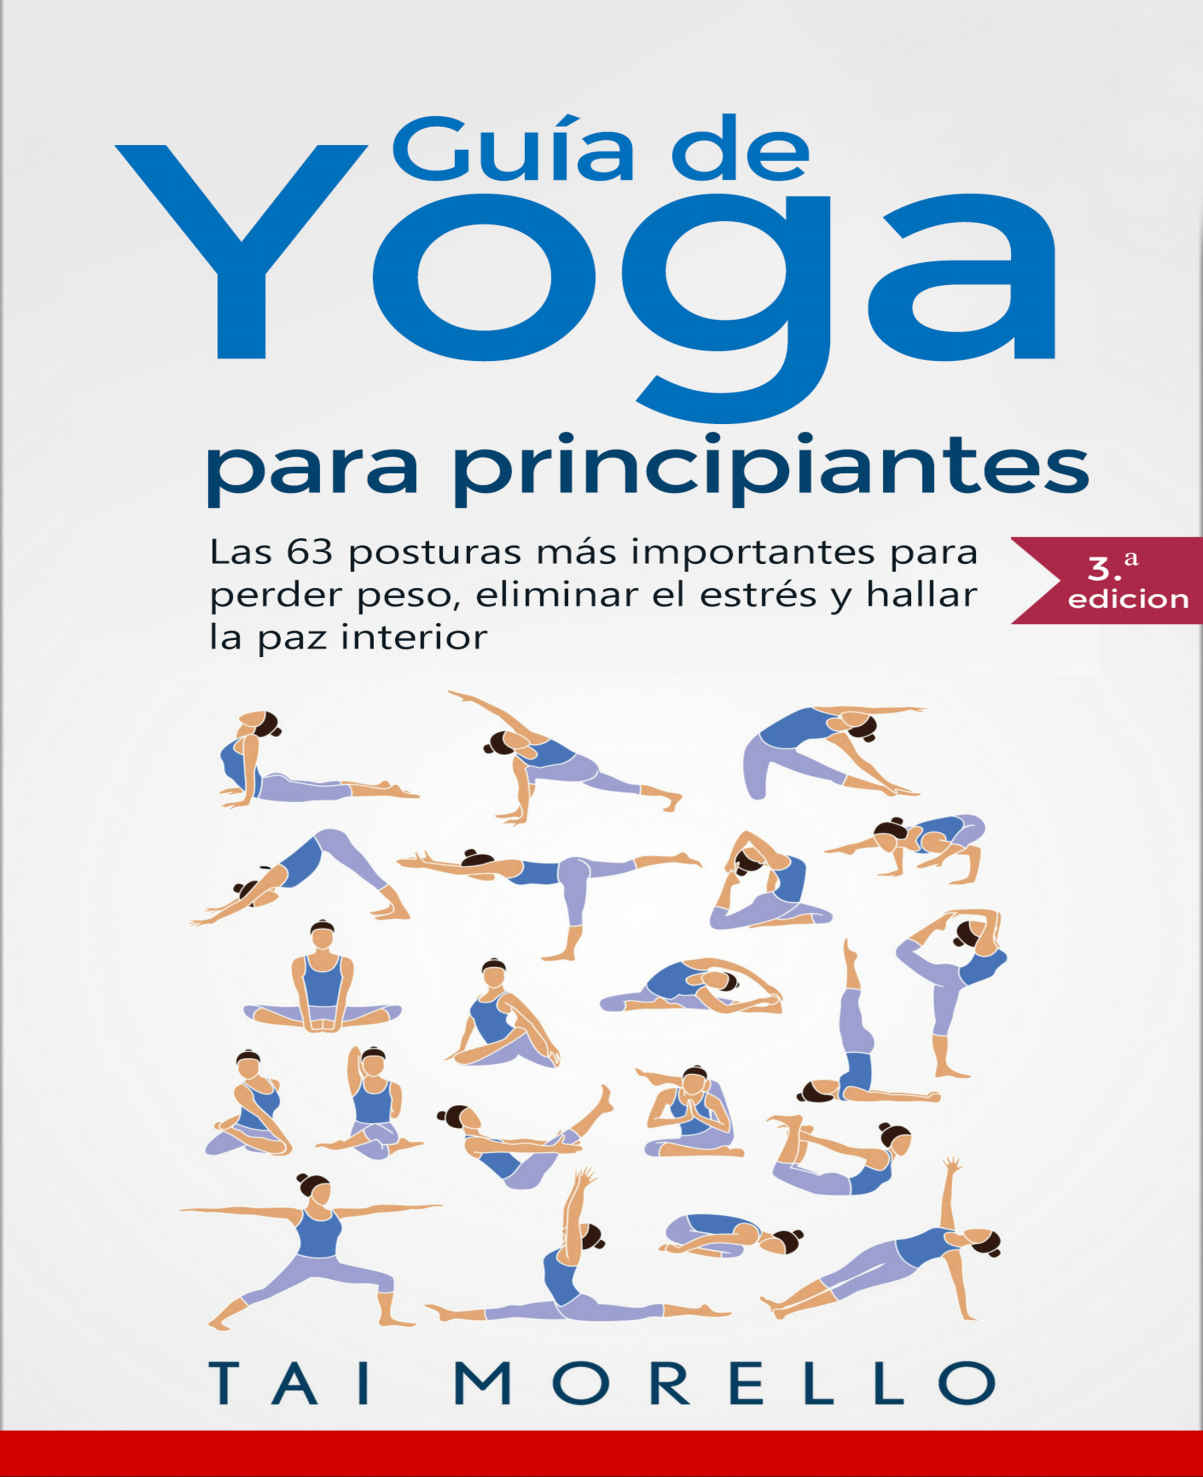 Guía de yoga para principiantes de Tai Morello